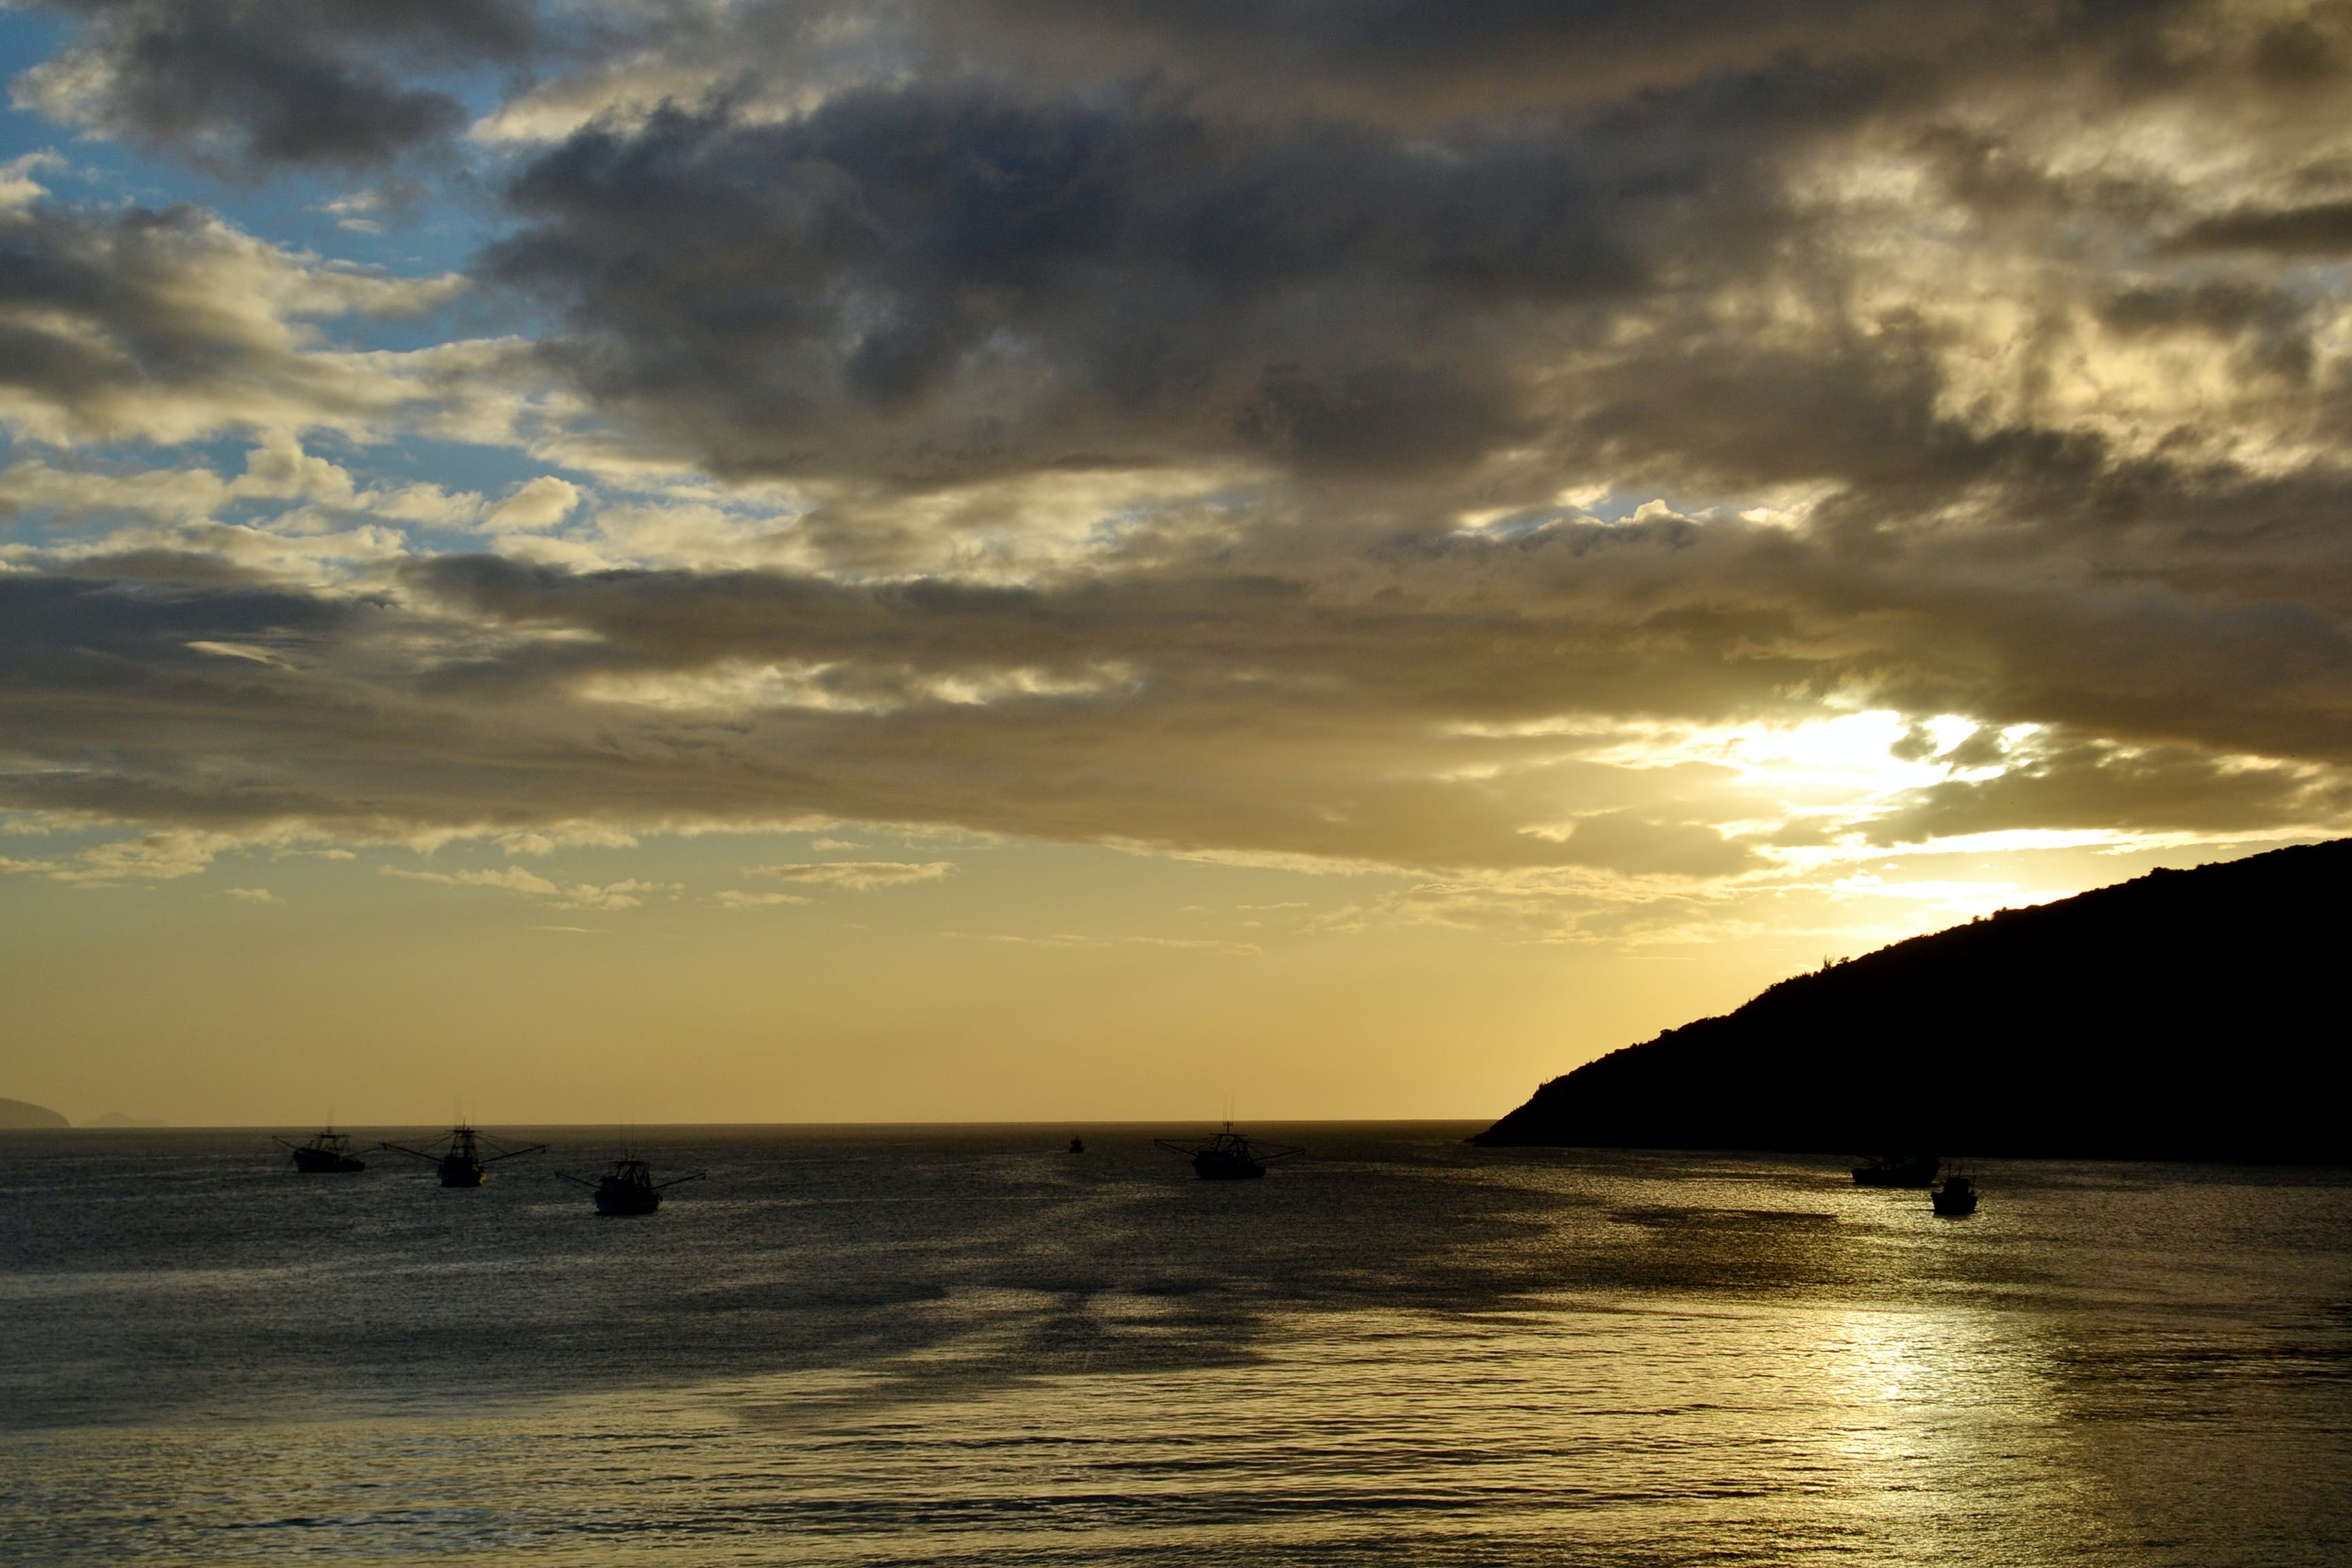 ビーチ, リオデジャネイロ, 日の出, 海洋の無料の写真素材